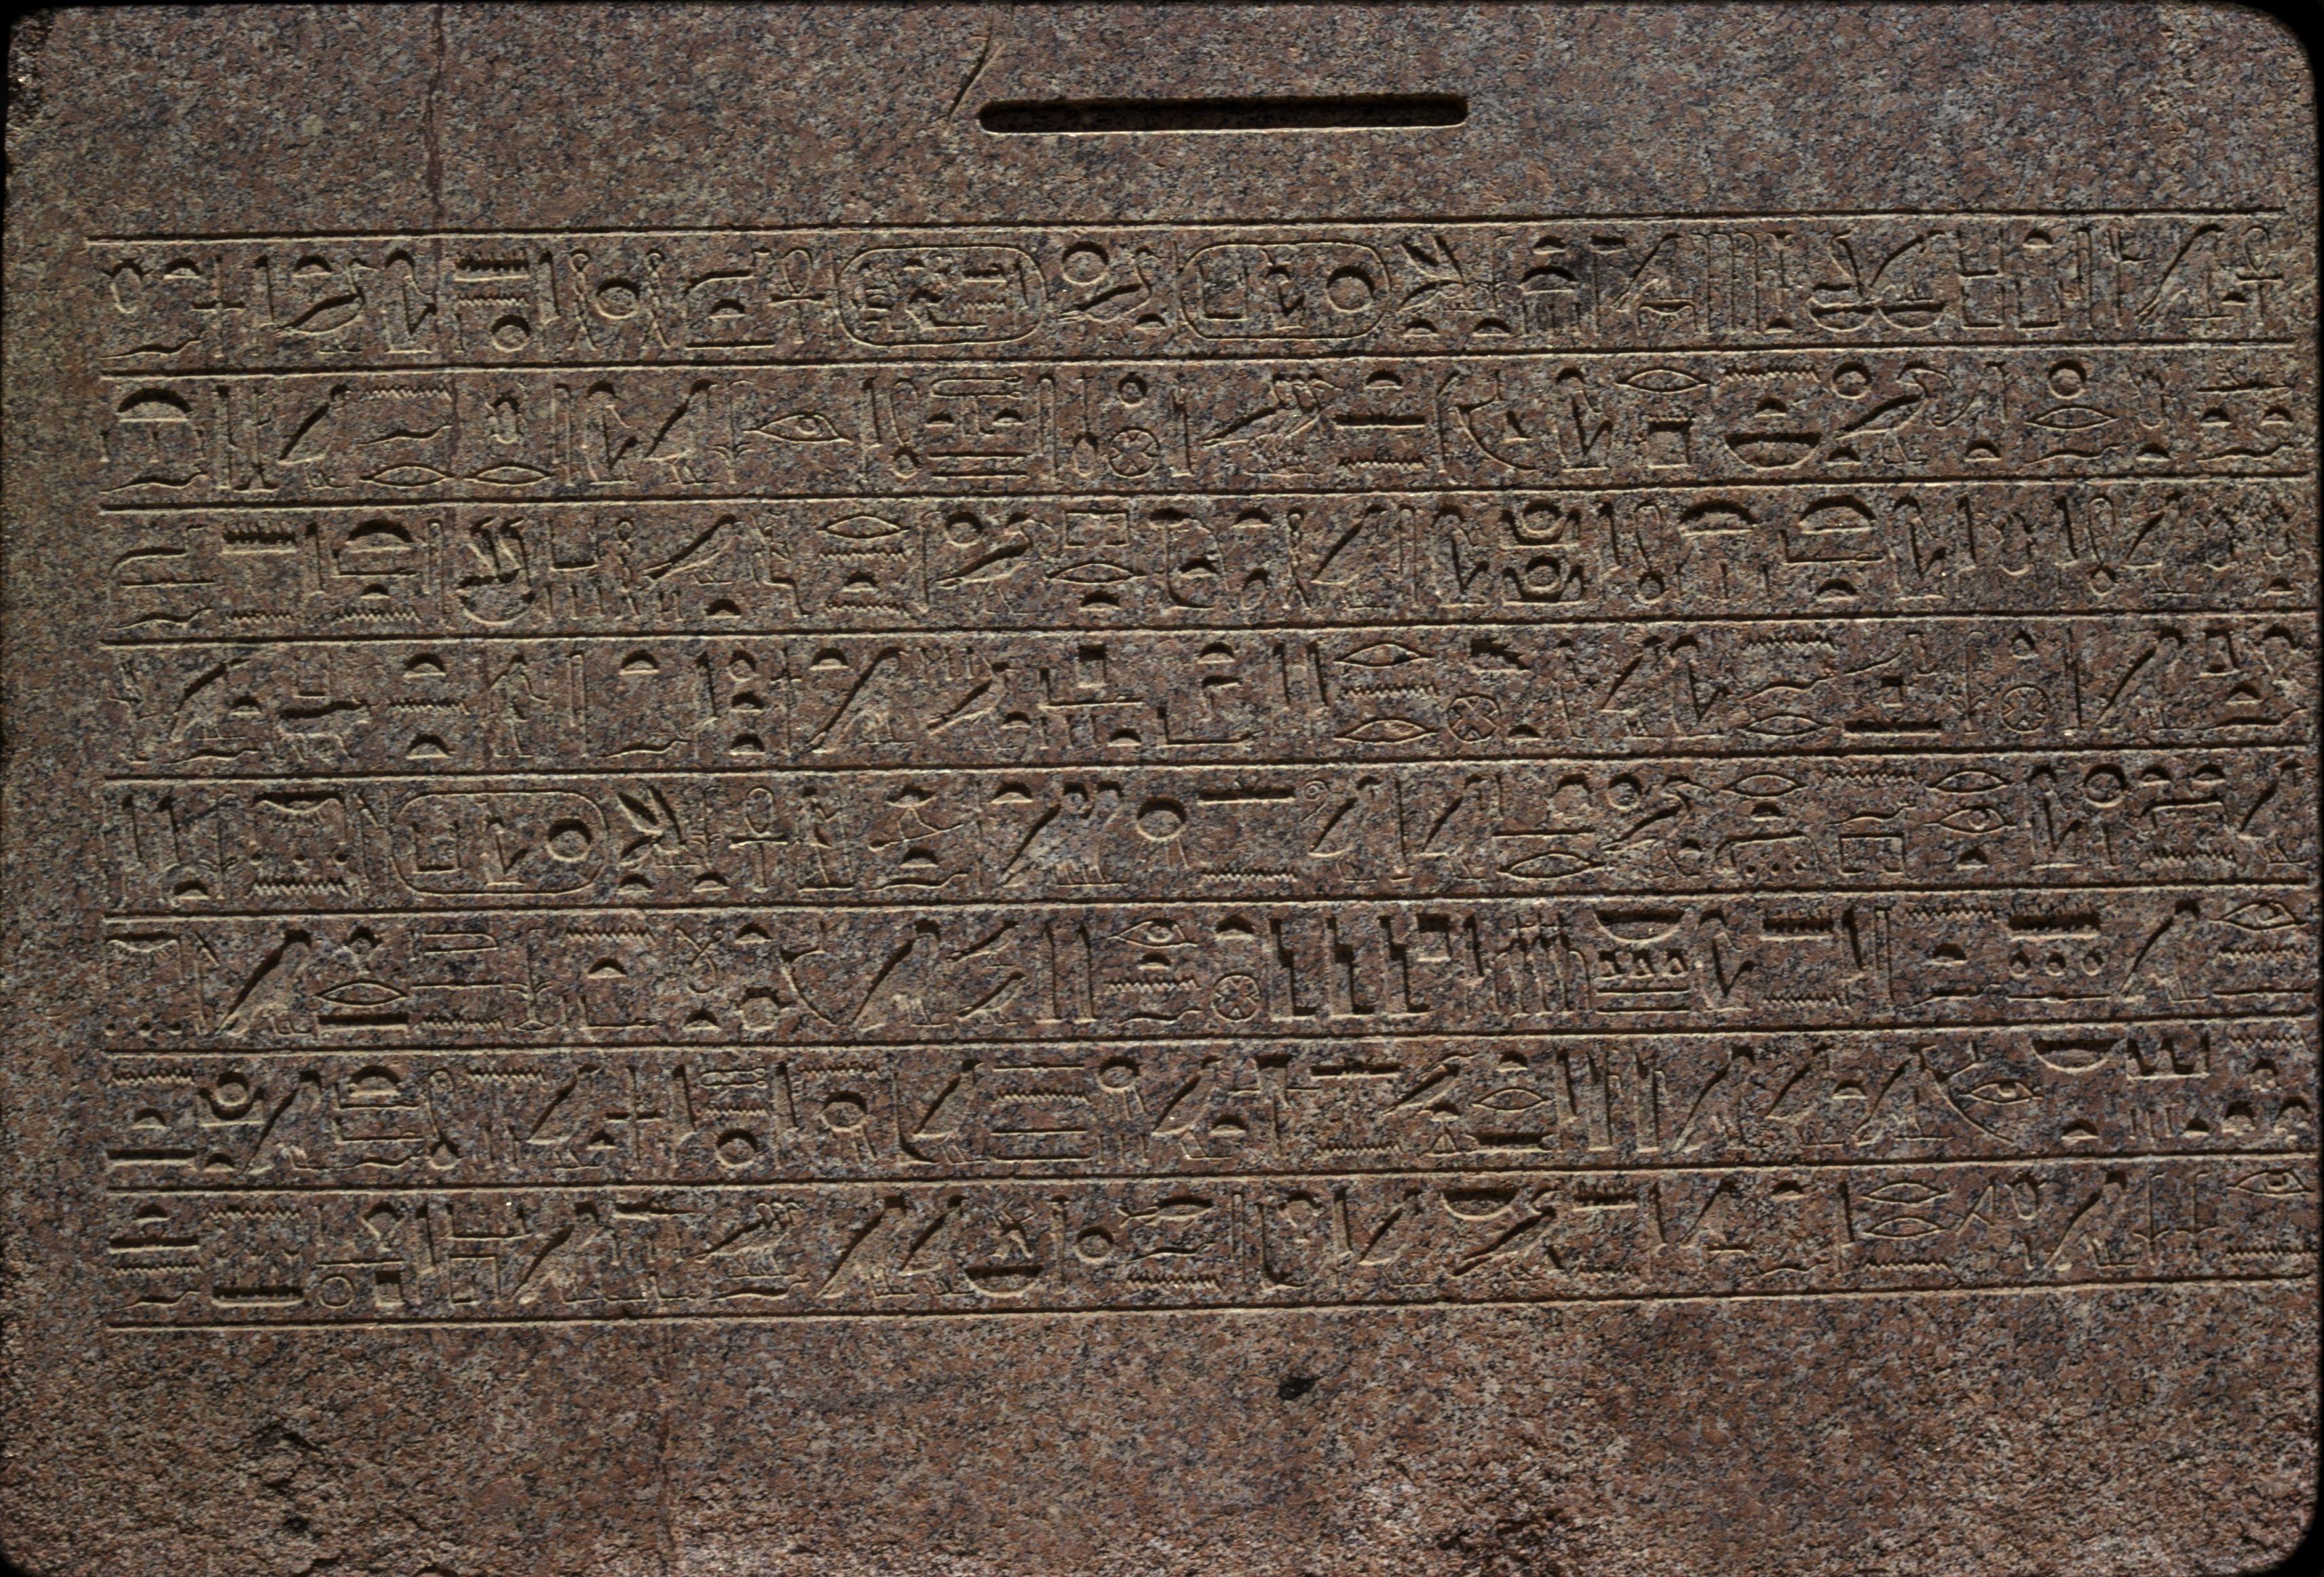 Храм Амона-Ра. Обелиск Хатшепсут. Надпись на обелиске